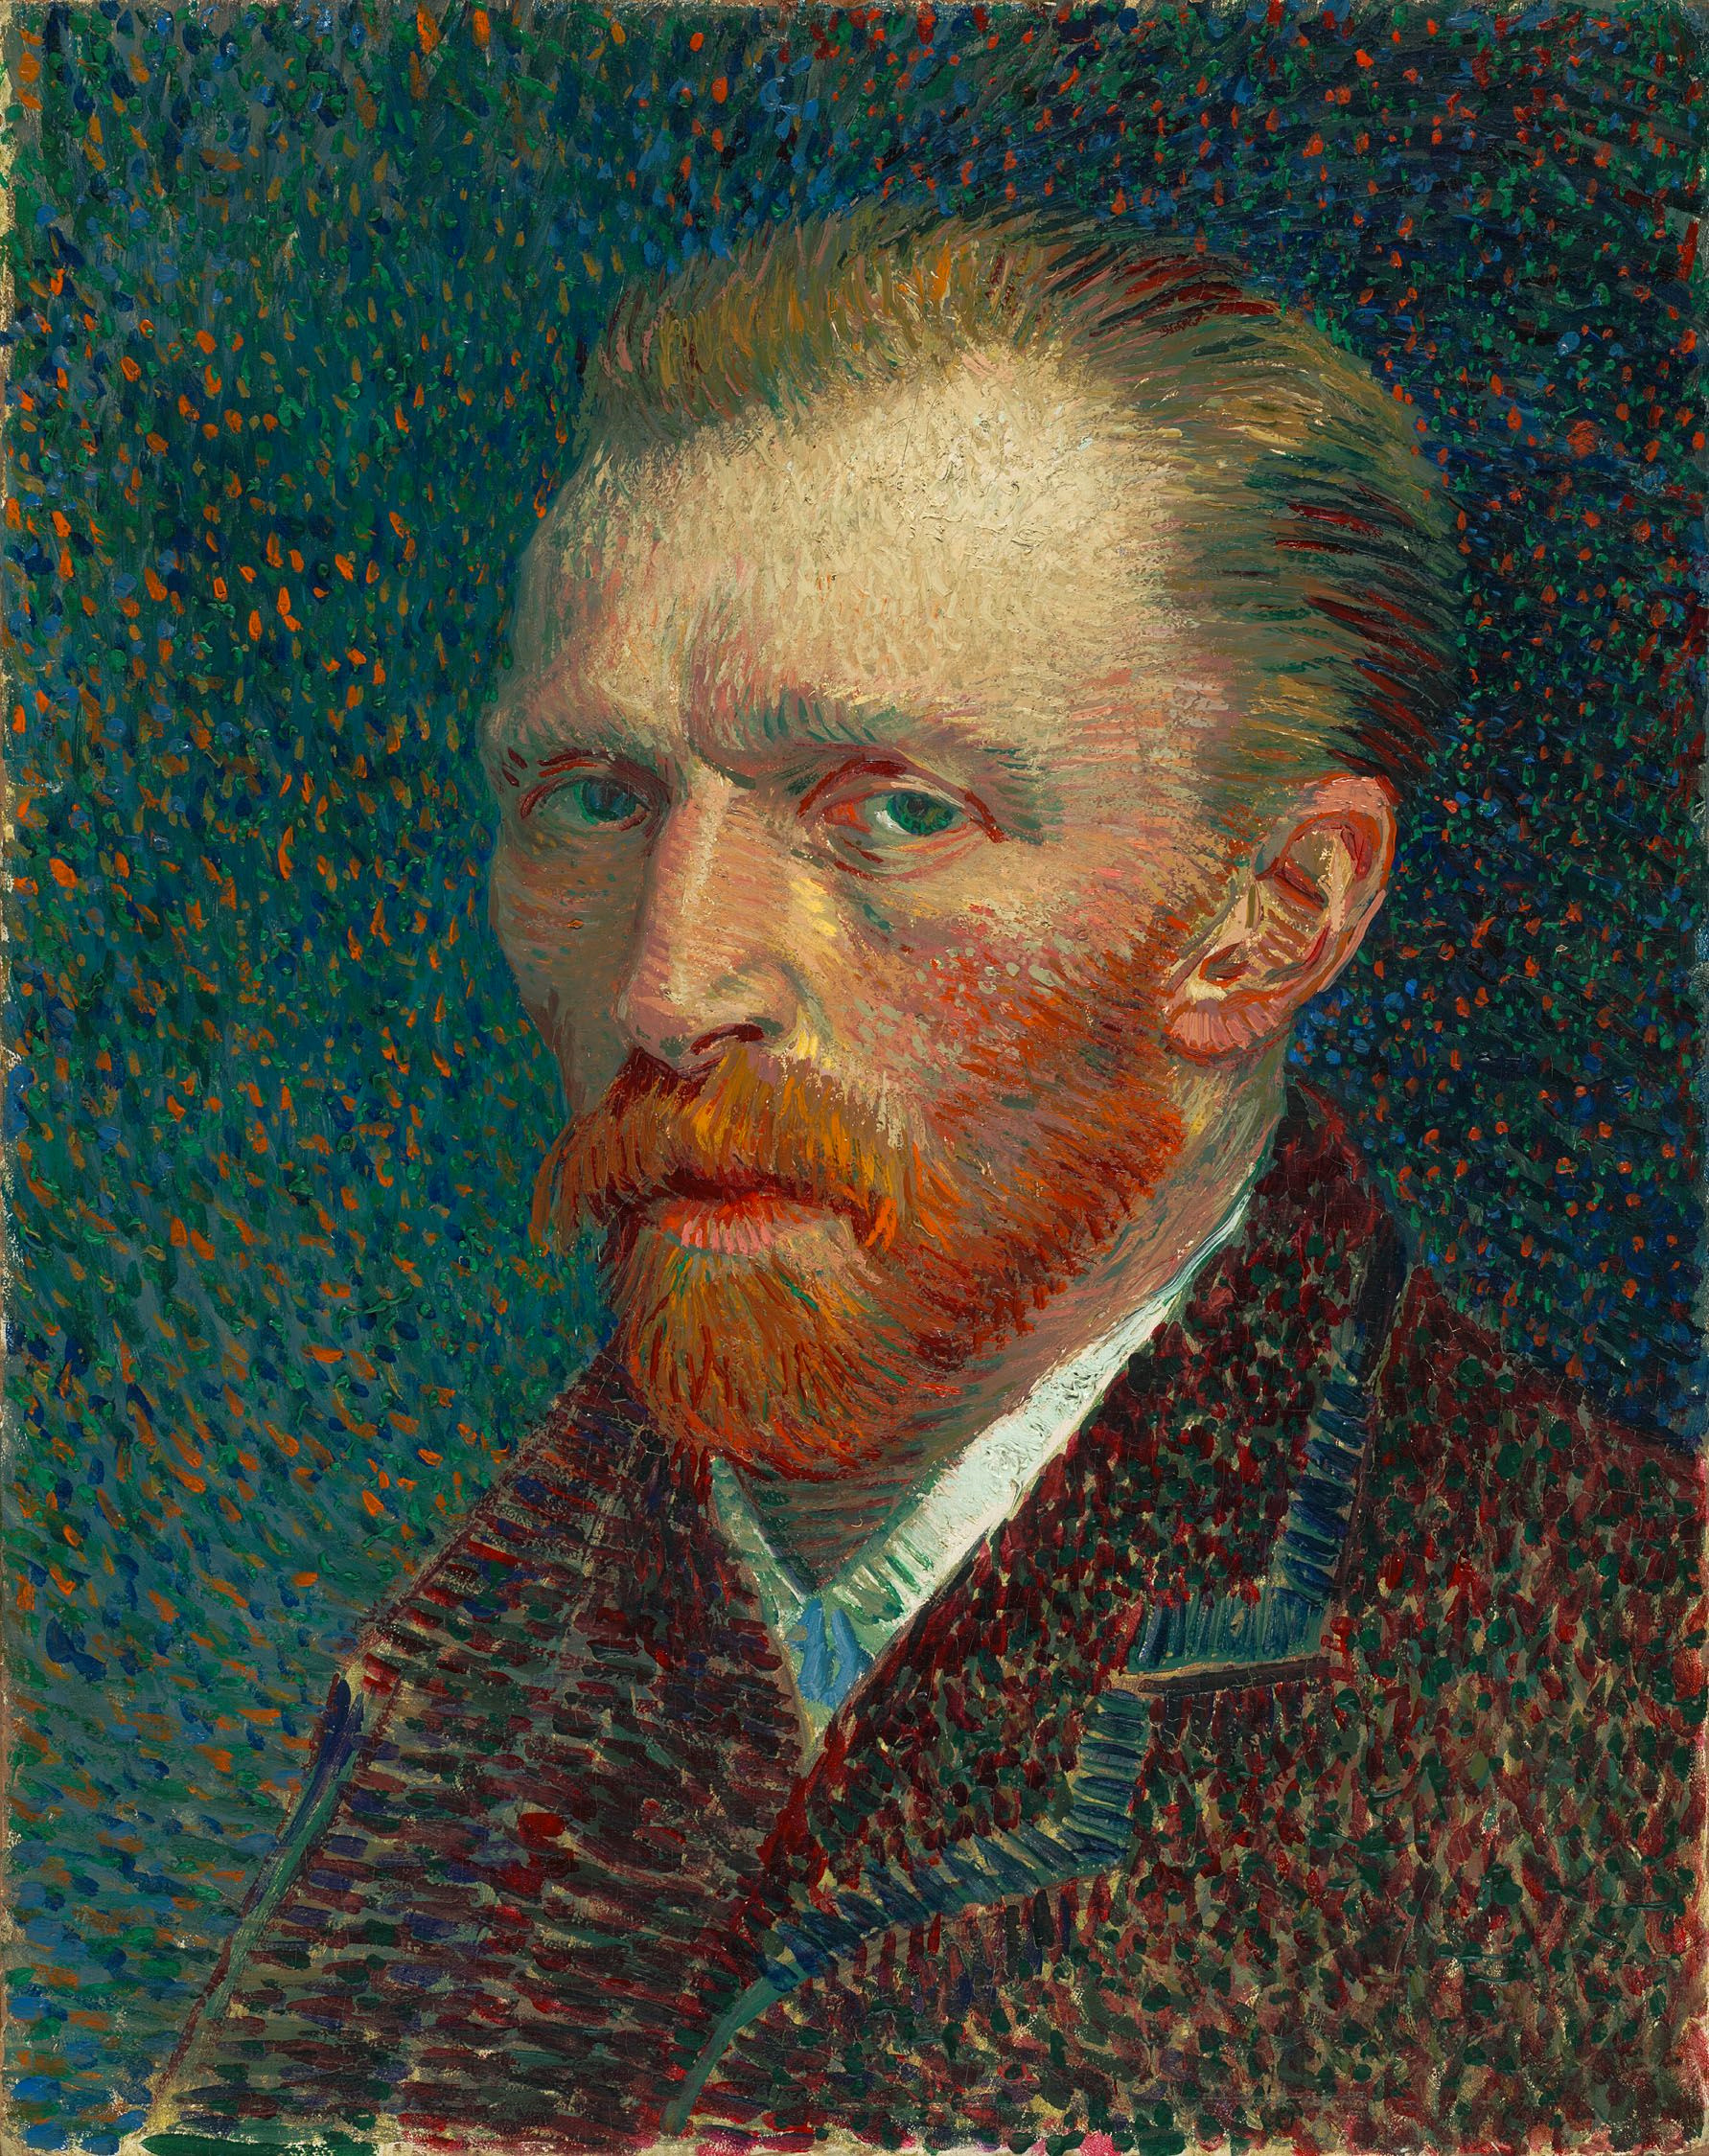 Винсент Виллем Ван Гог (нидерл. Vincent Willem van Gogh). Автопортрет 1887 года